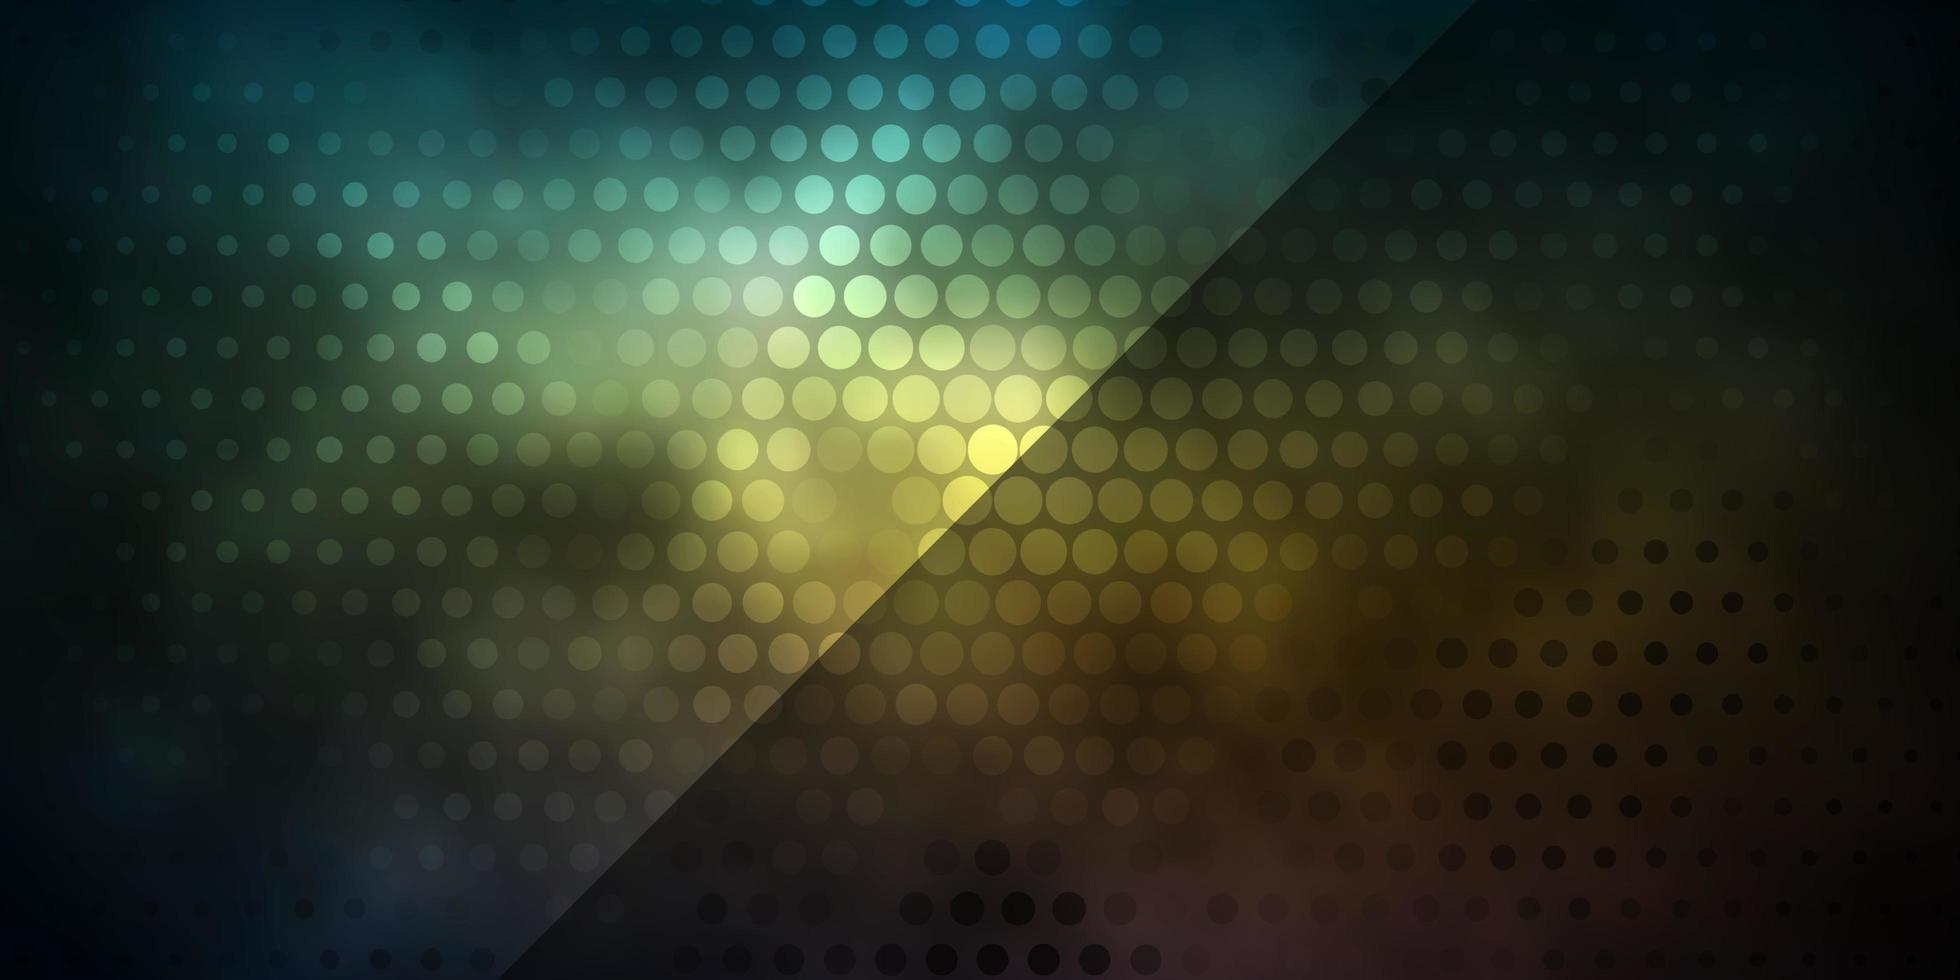 mörk gul bakgrund med cirklar. vektor